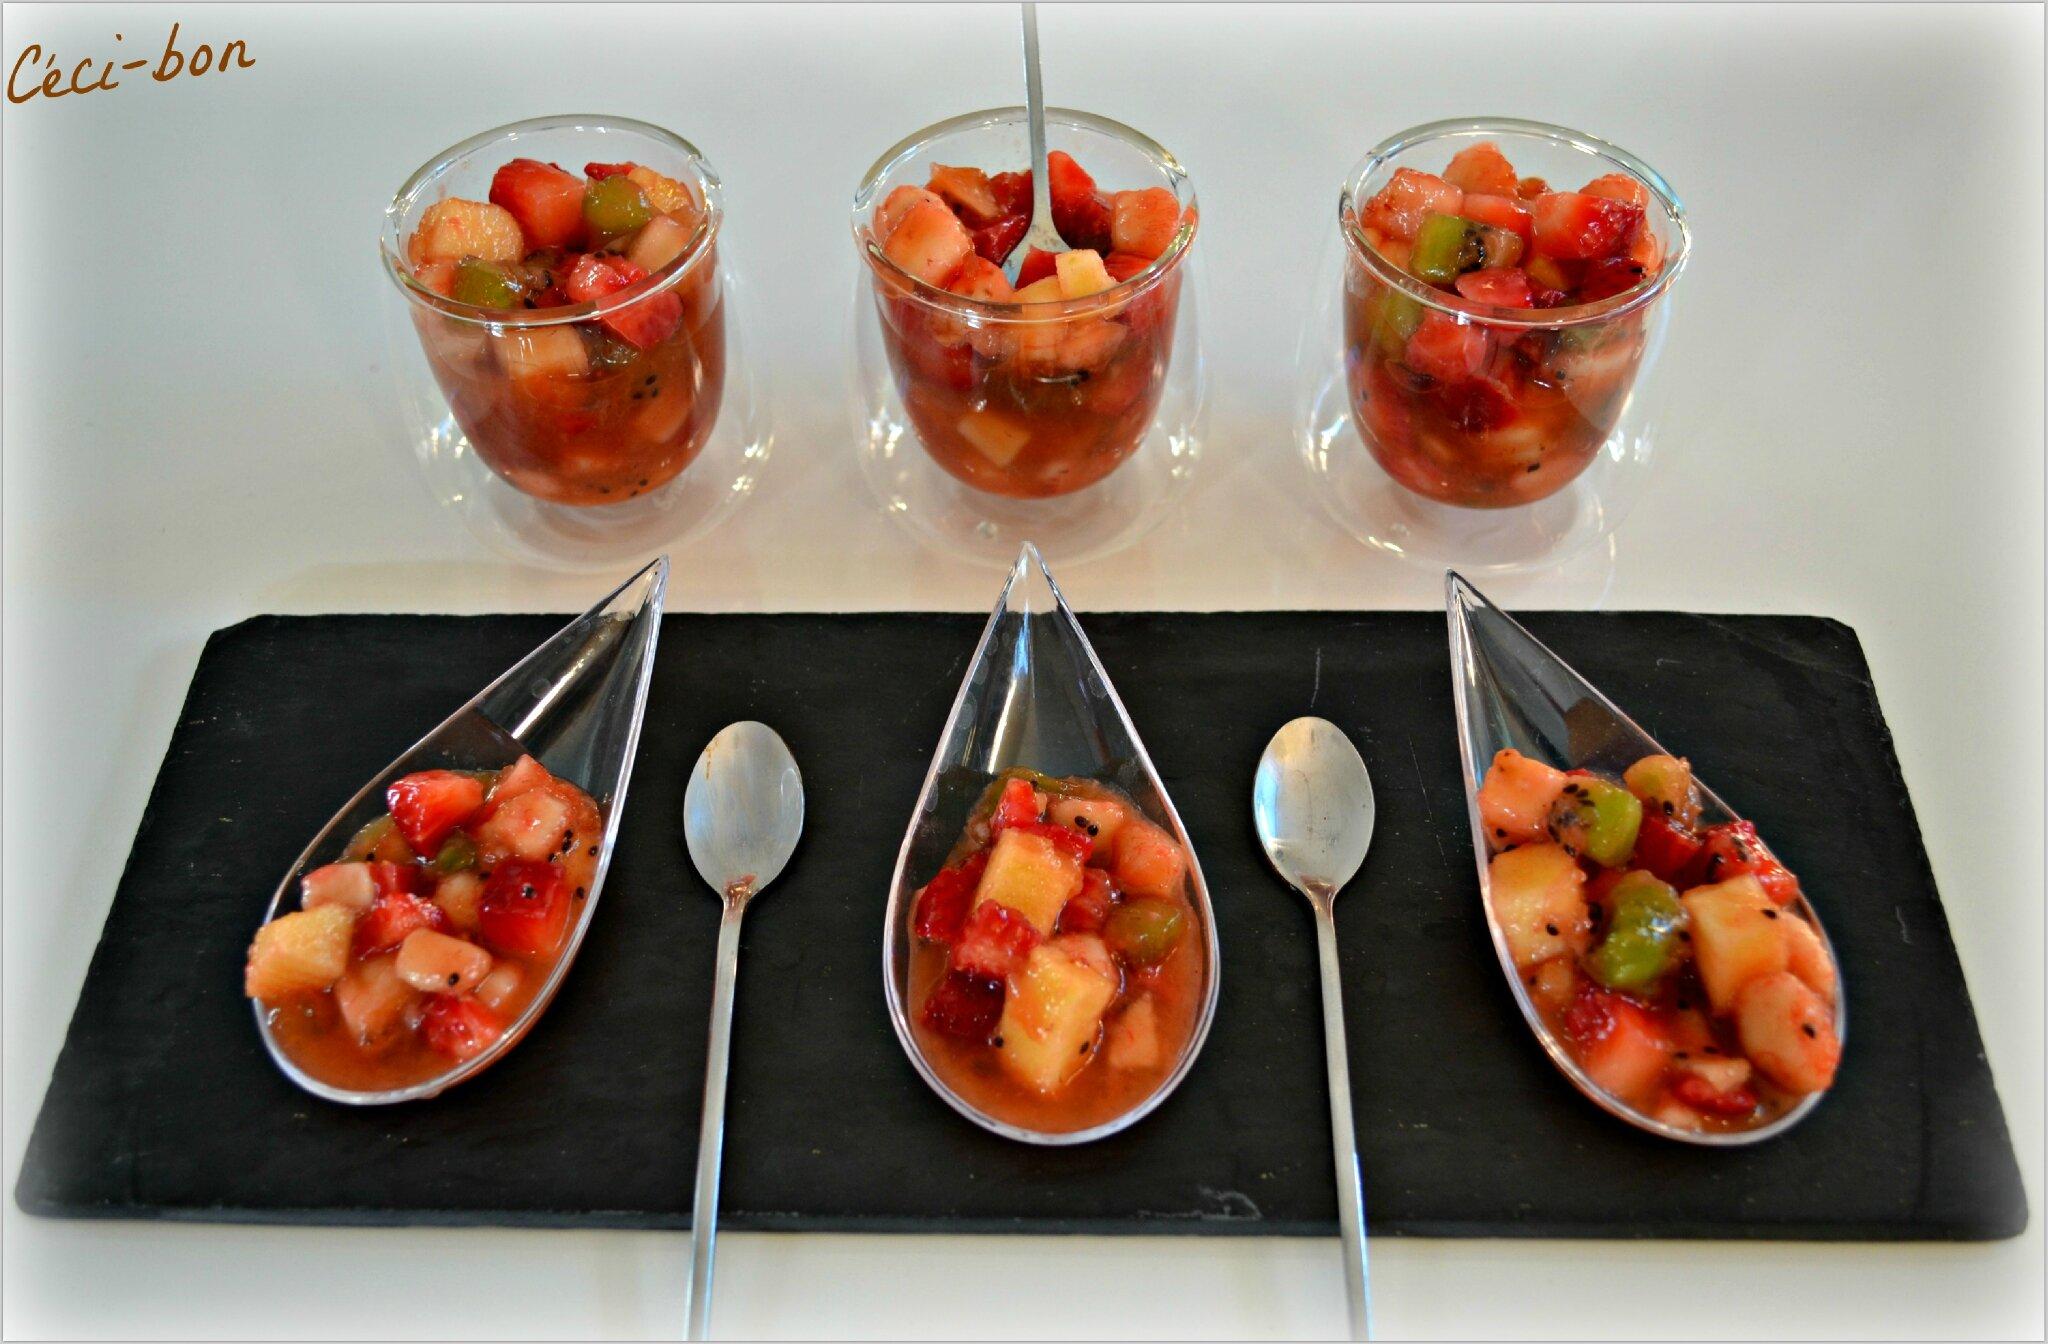 salade de fruits au jus d 39 oranges c ci bon. Black Bedroom Furniture Sets. Home Design Ideas